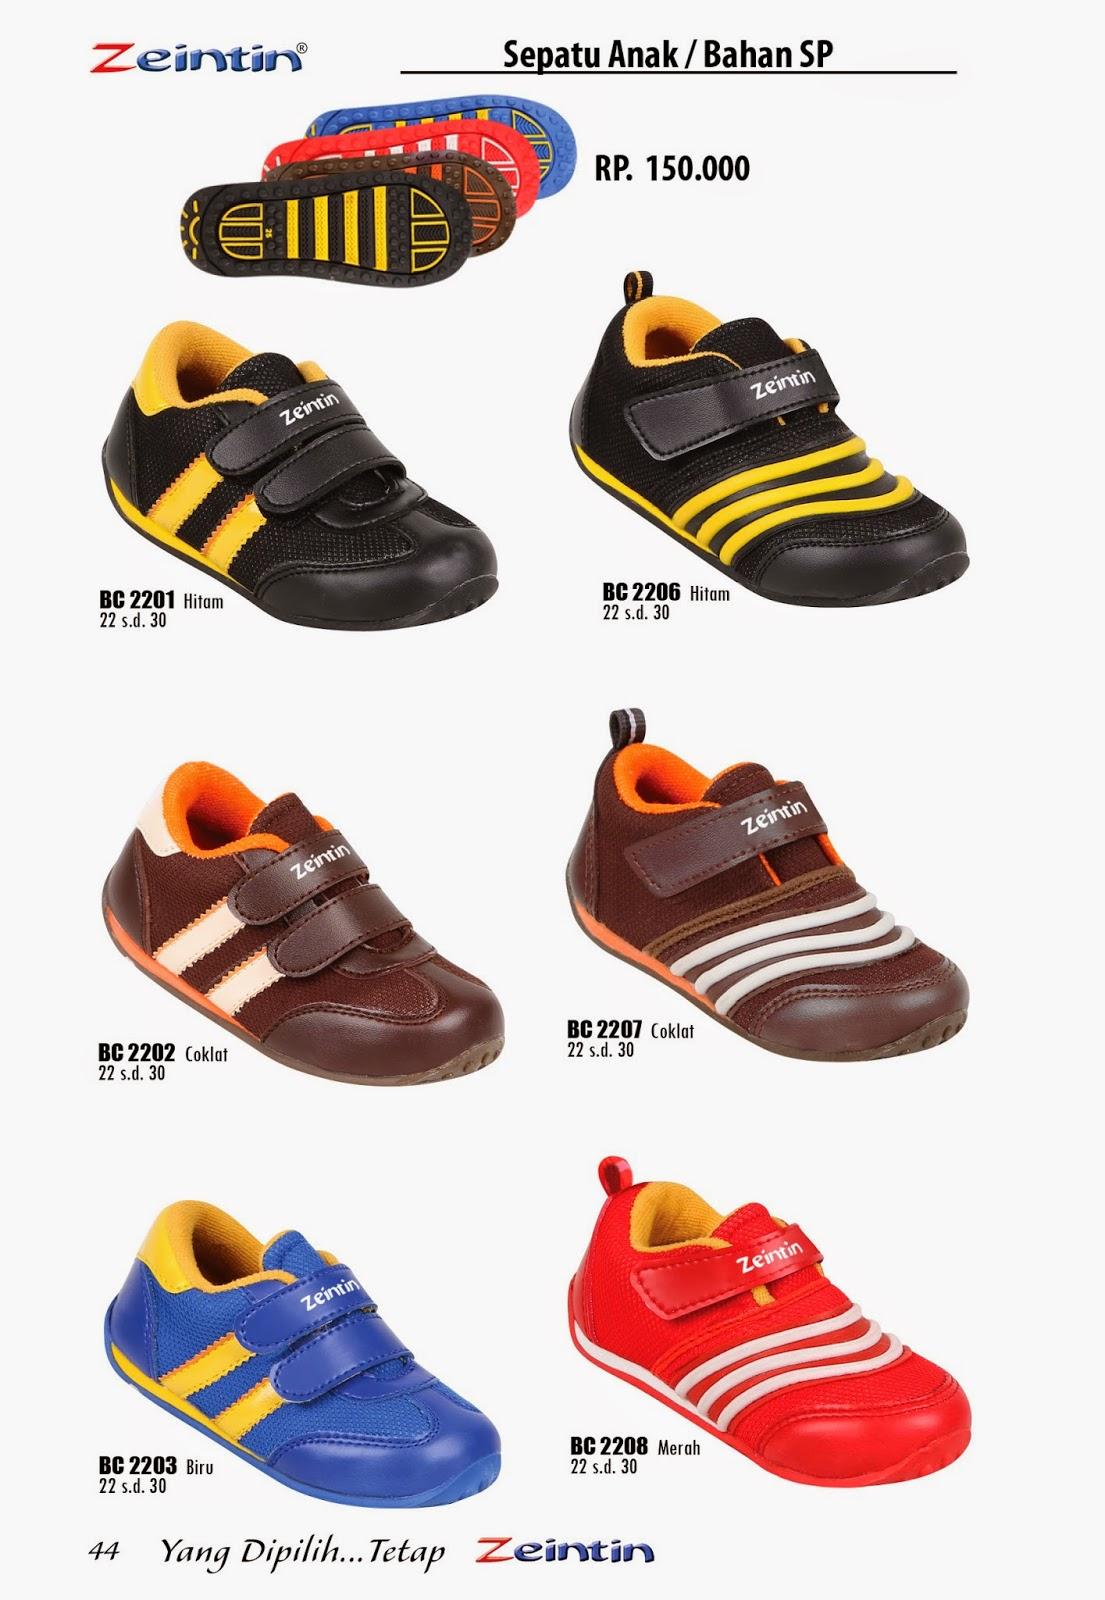 Sepatu Balita Zeintin Katalog Edisi Brilian 11